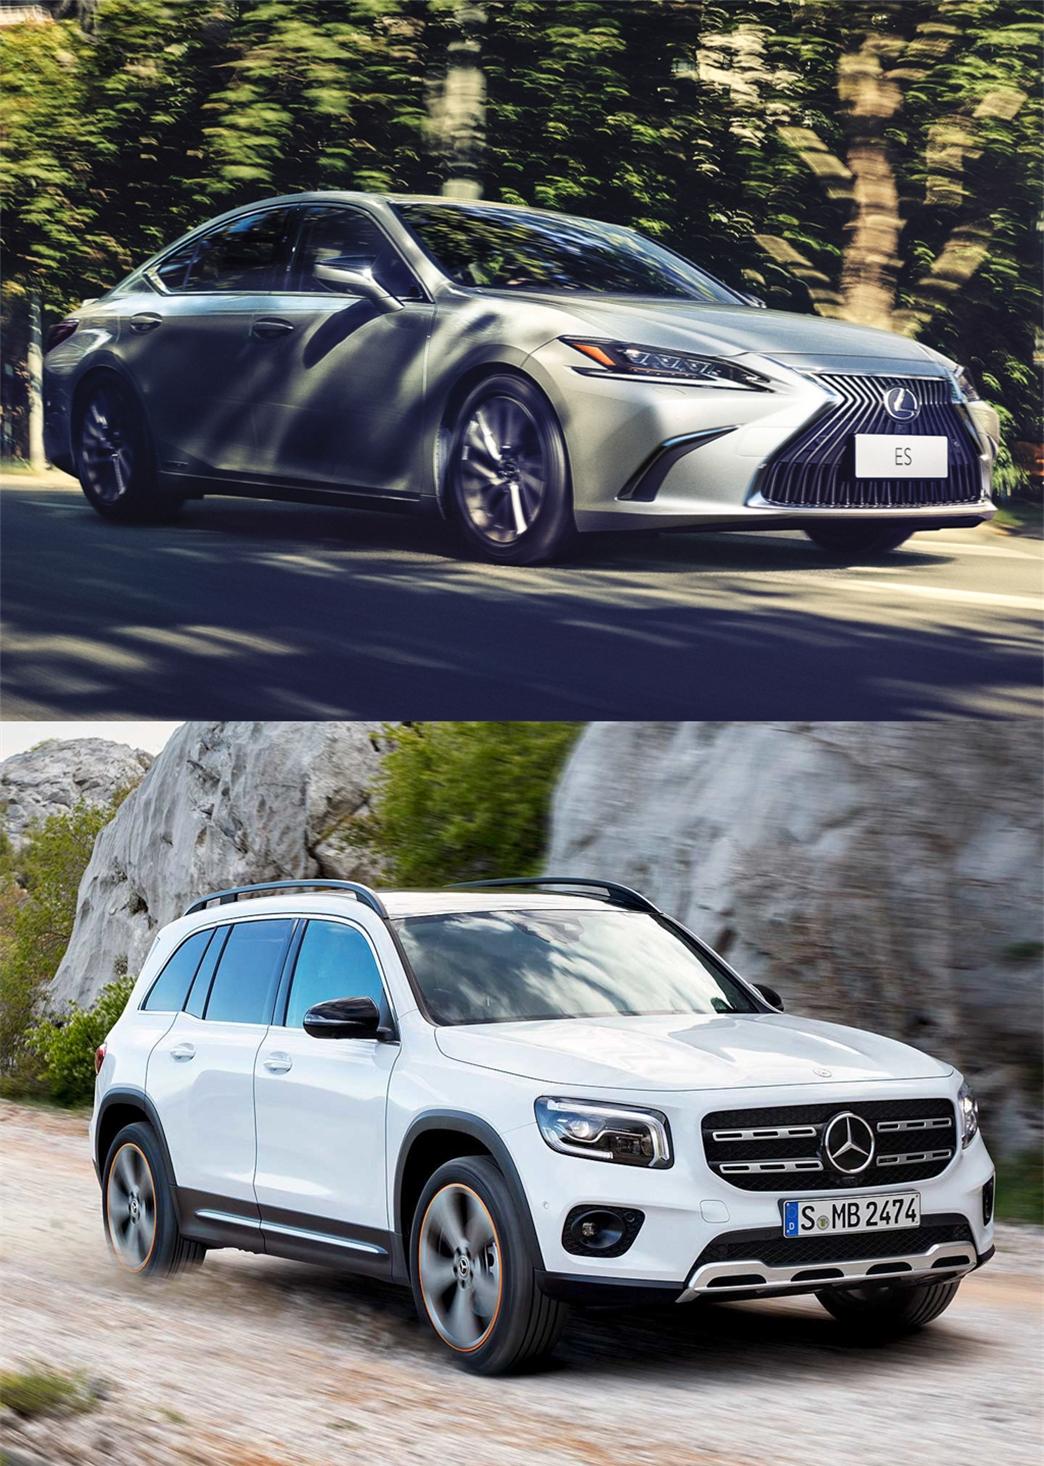 满足代步即可不难选,这两款豪华车动力够用性价比高